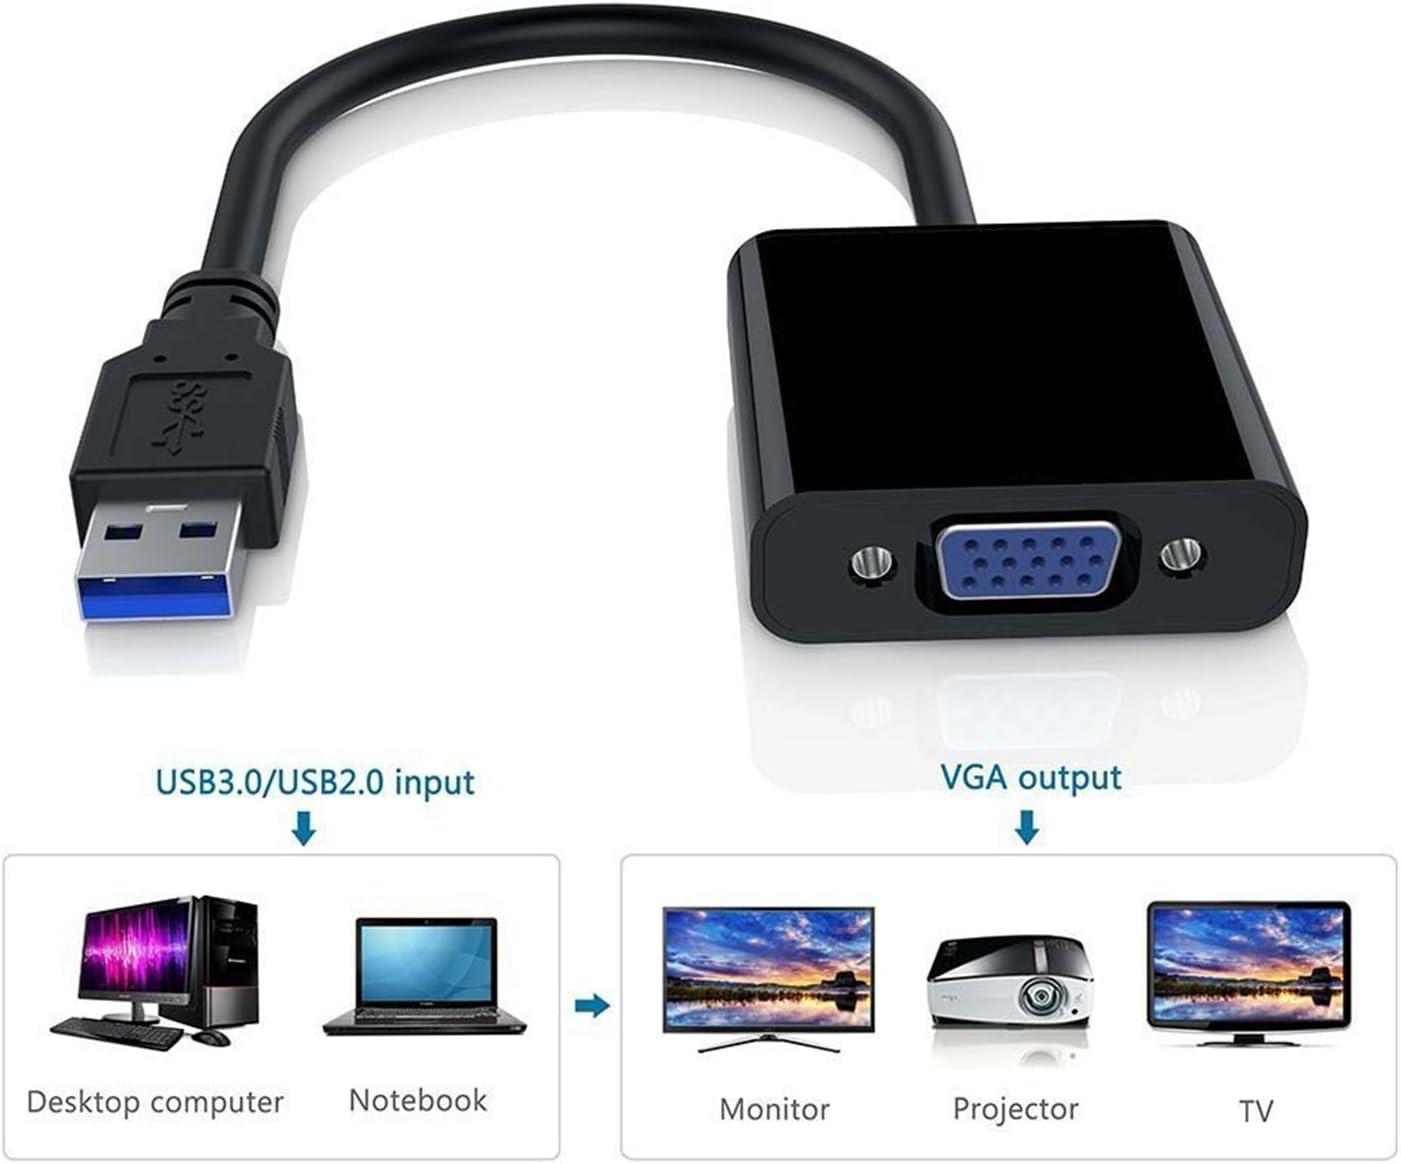 Negro REFURBISHHOUSE Premium USB 3.0 a convertidor de Adaptador VGA Full HD Tarjeta de Video Externa Adaptador de Monitor Multiple Adaptador USB a VGA Soporte MAX.